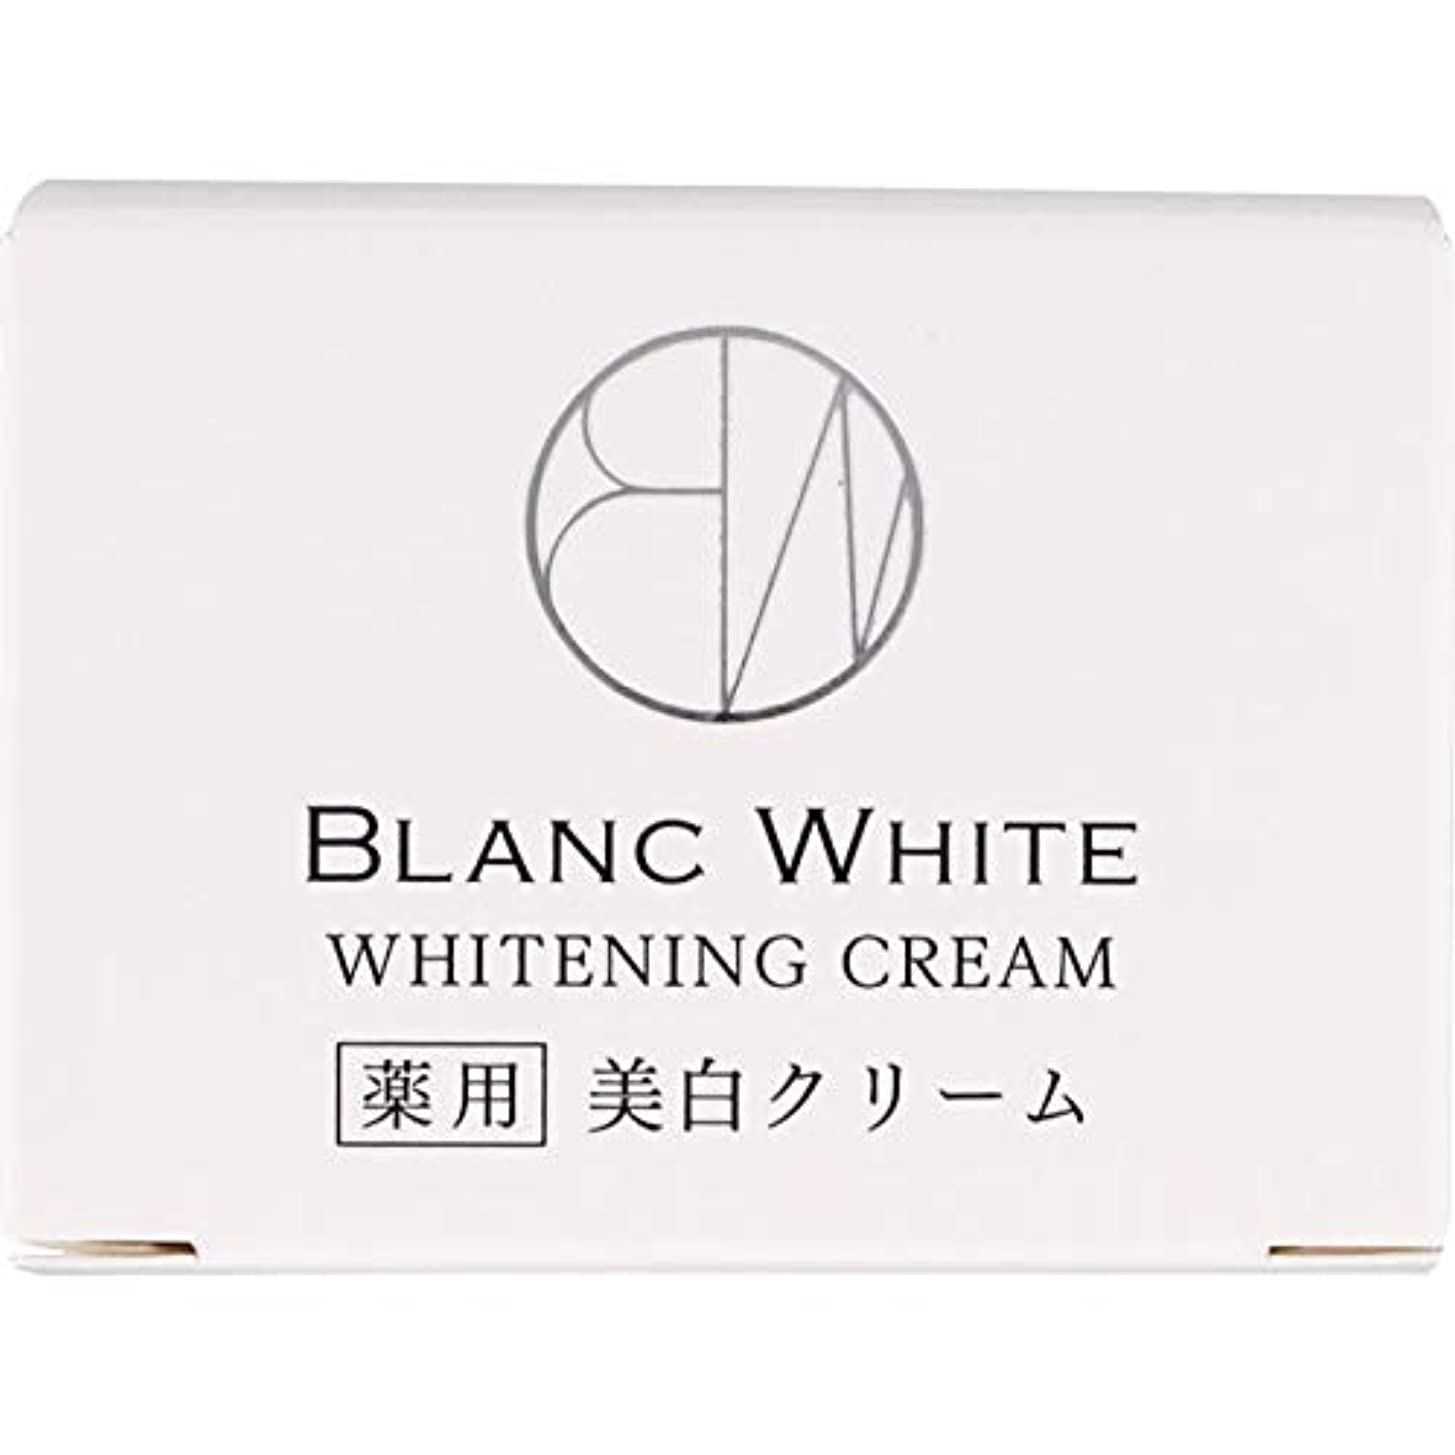 クラッシュオーバーランミトンブランホワイト ホワイトニング クリーム 45g